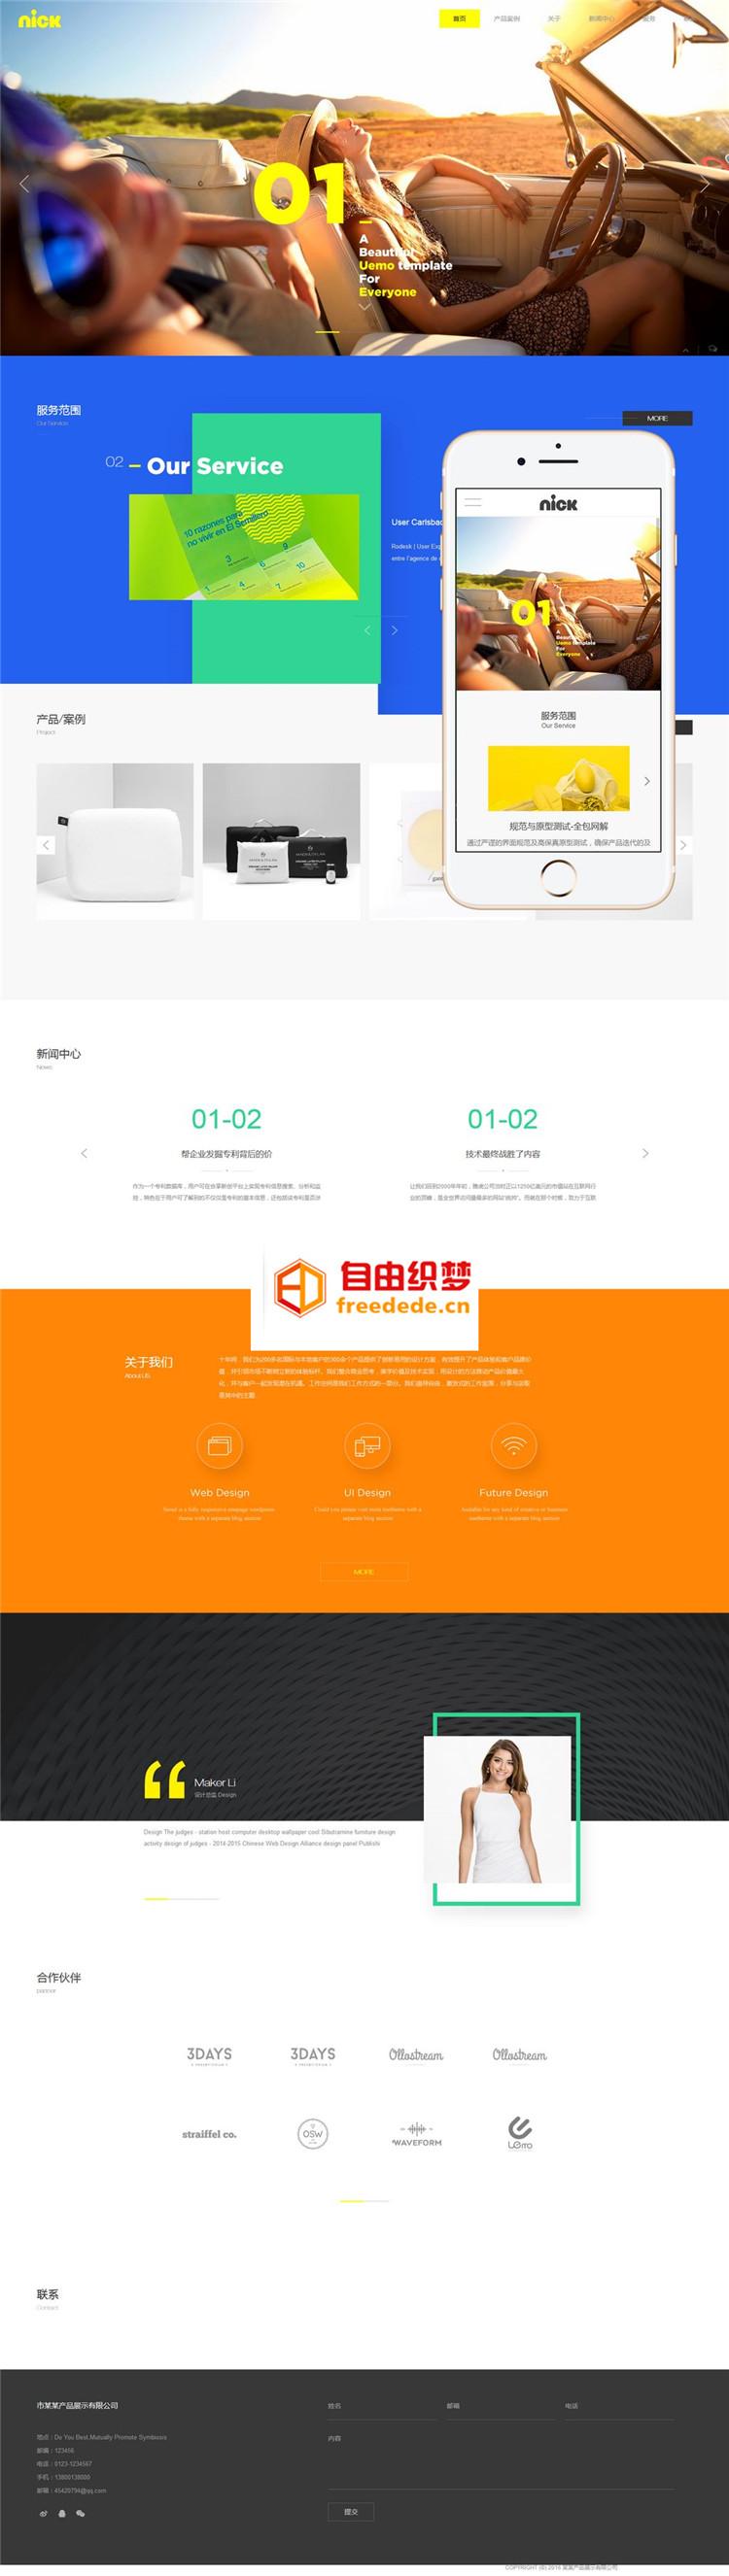 爱上源码网文章高端炫酷产品设计展示织梦模板(带手机端)营销型整站源码下载的内容插图